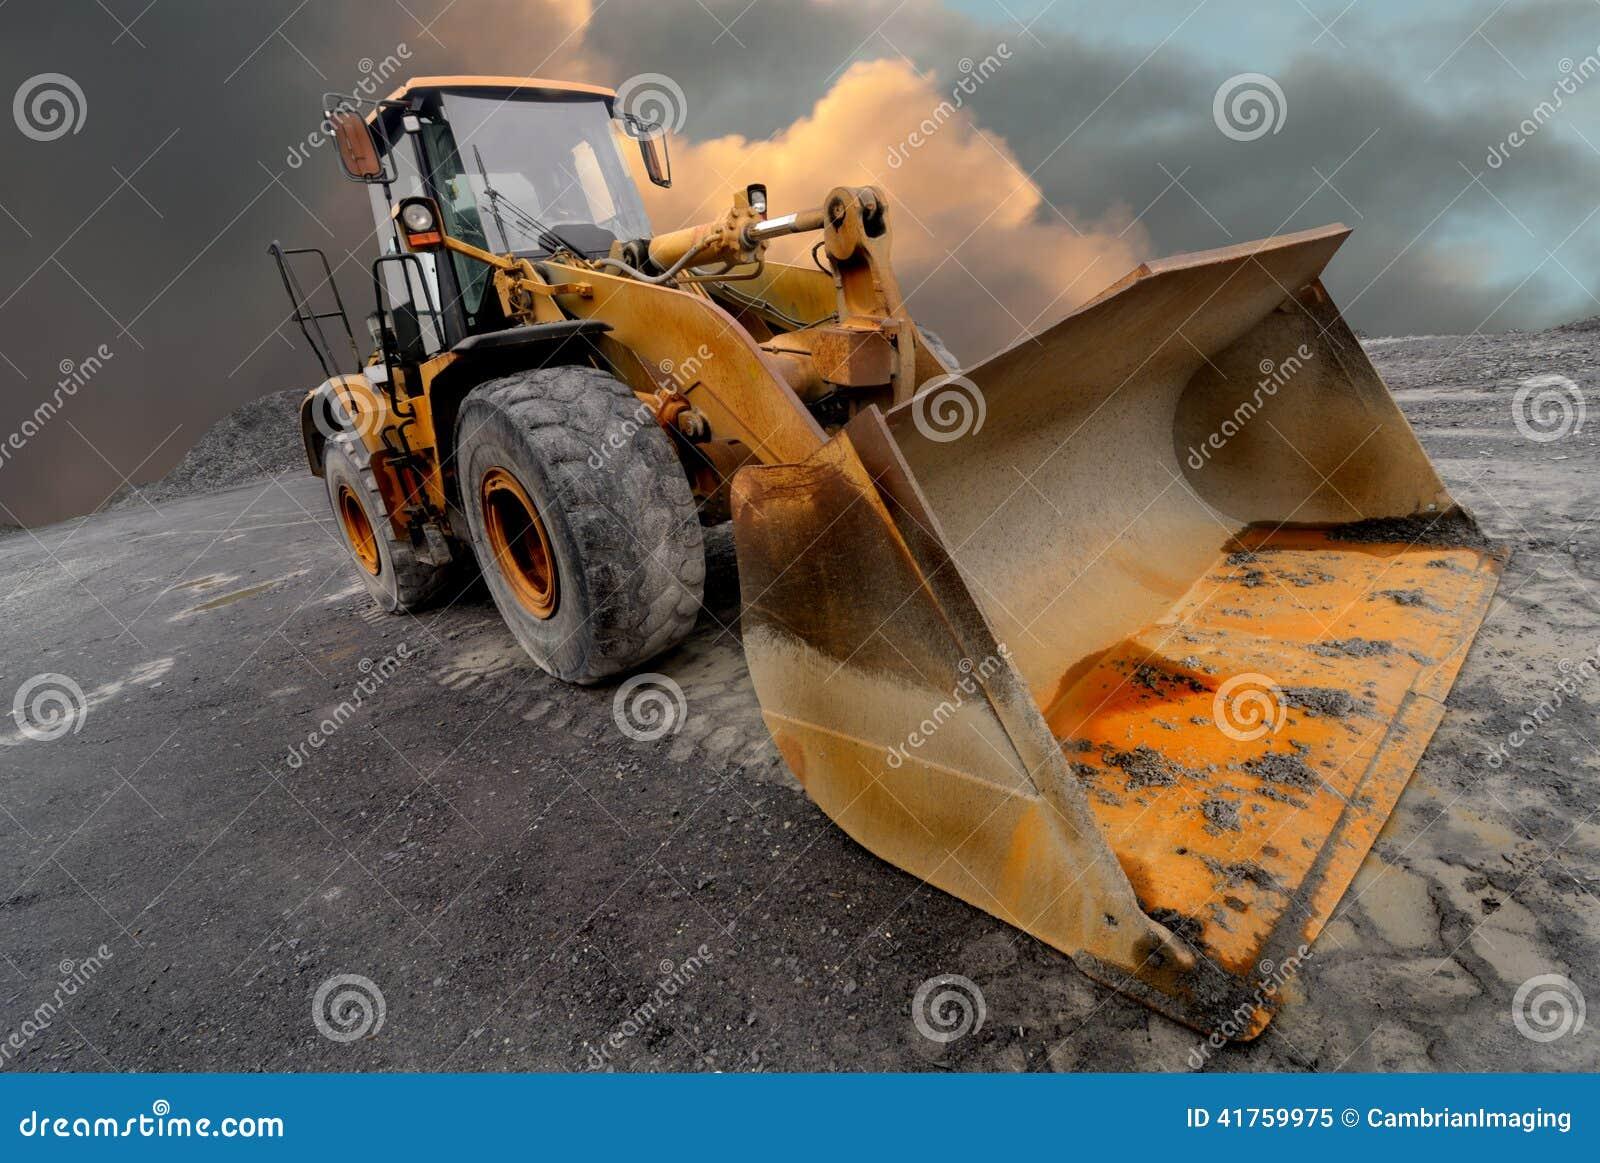 Loader excavator